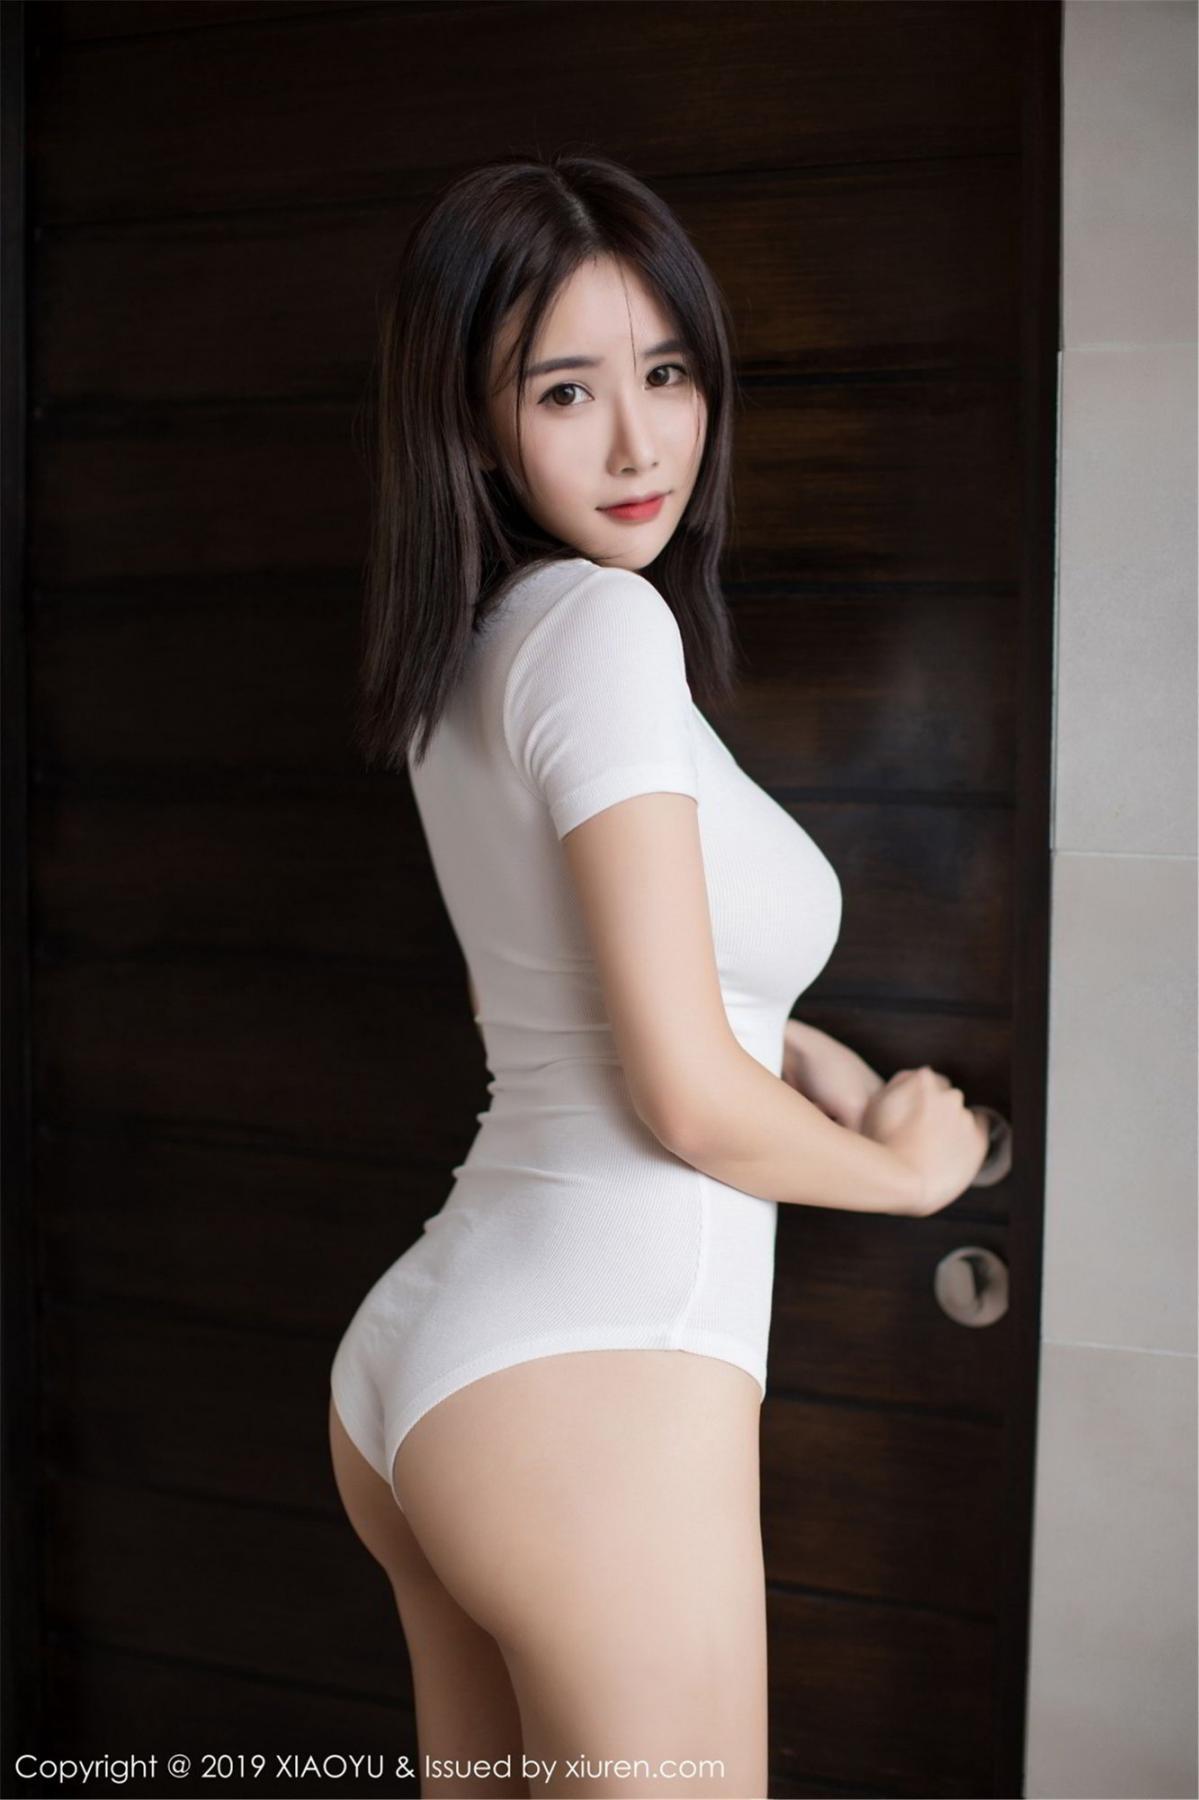 [XiaoYu] Vol.060 Xiao Mo Lin 6P, Bathroom, Lin Lin Ailin, Wet, XiaoYu